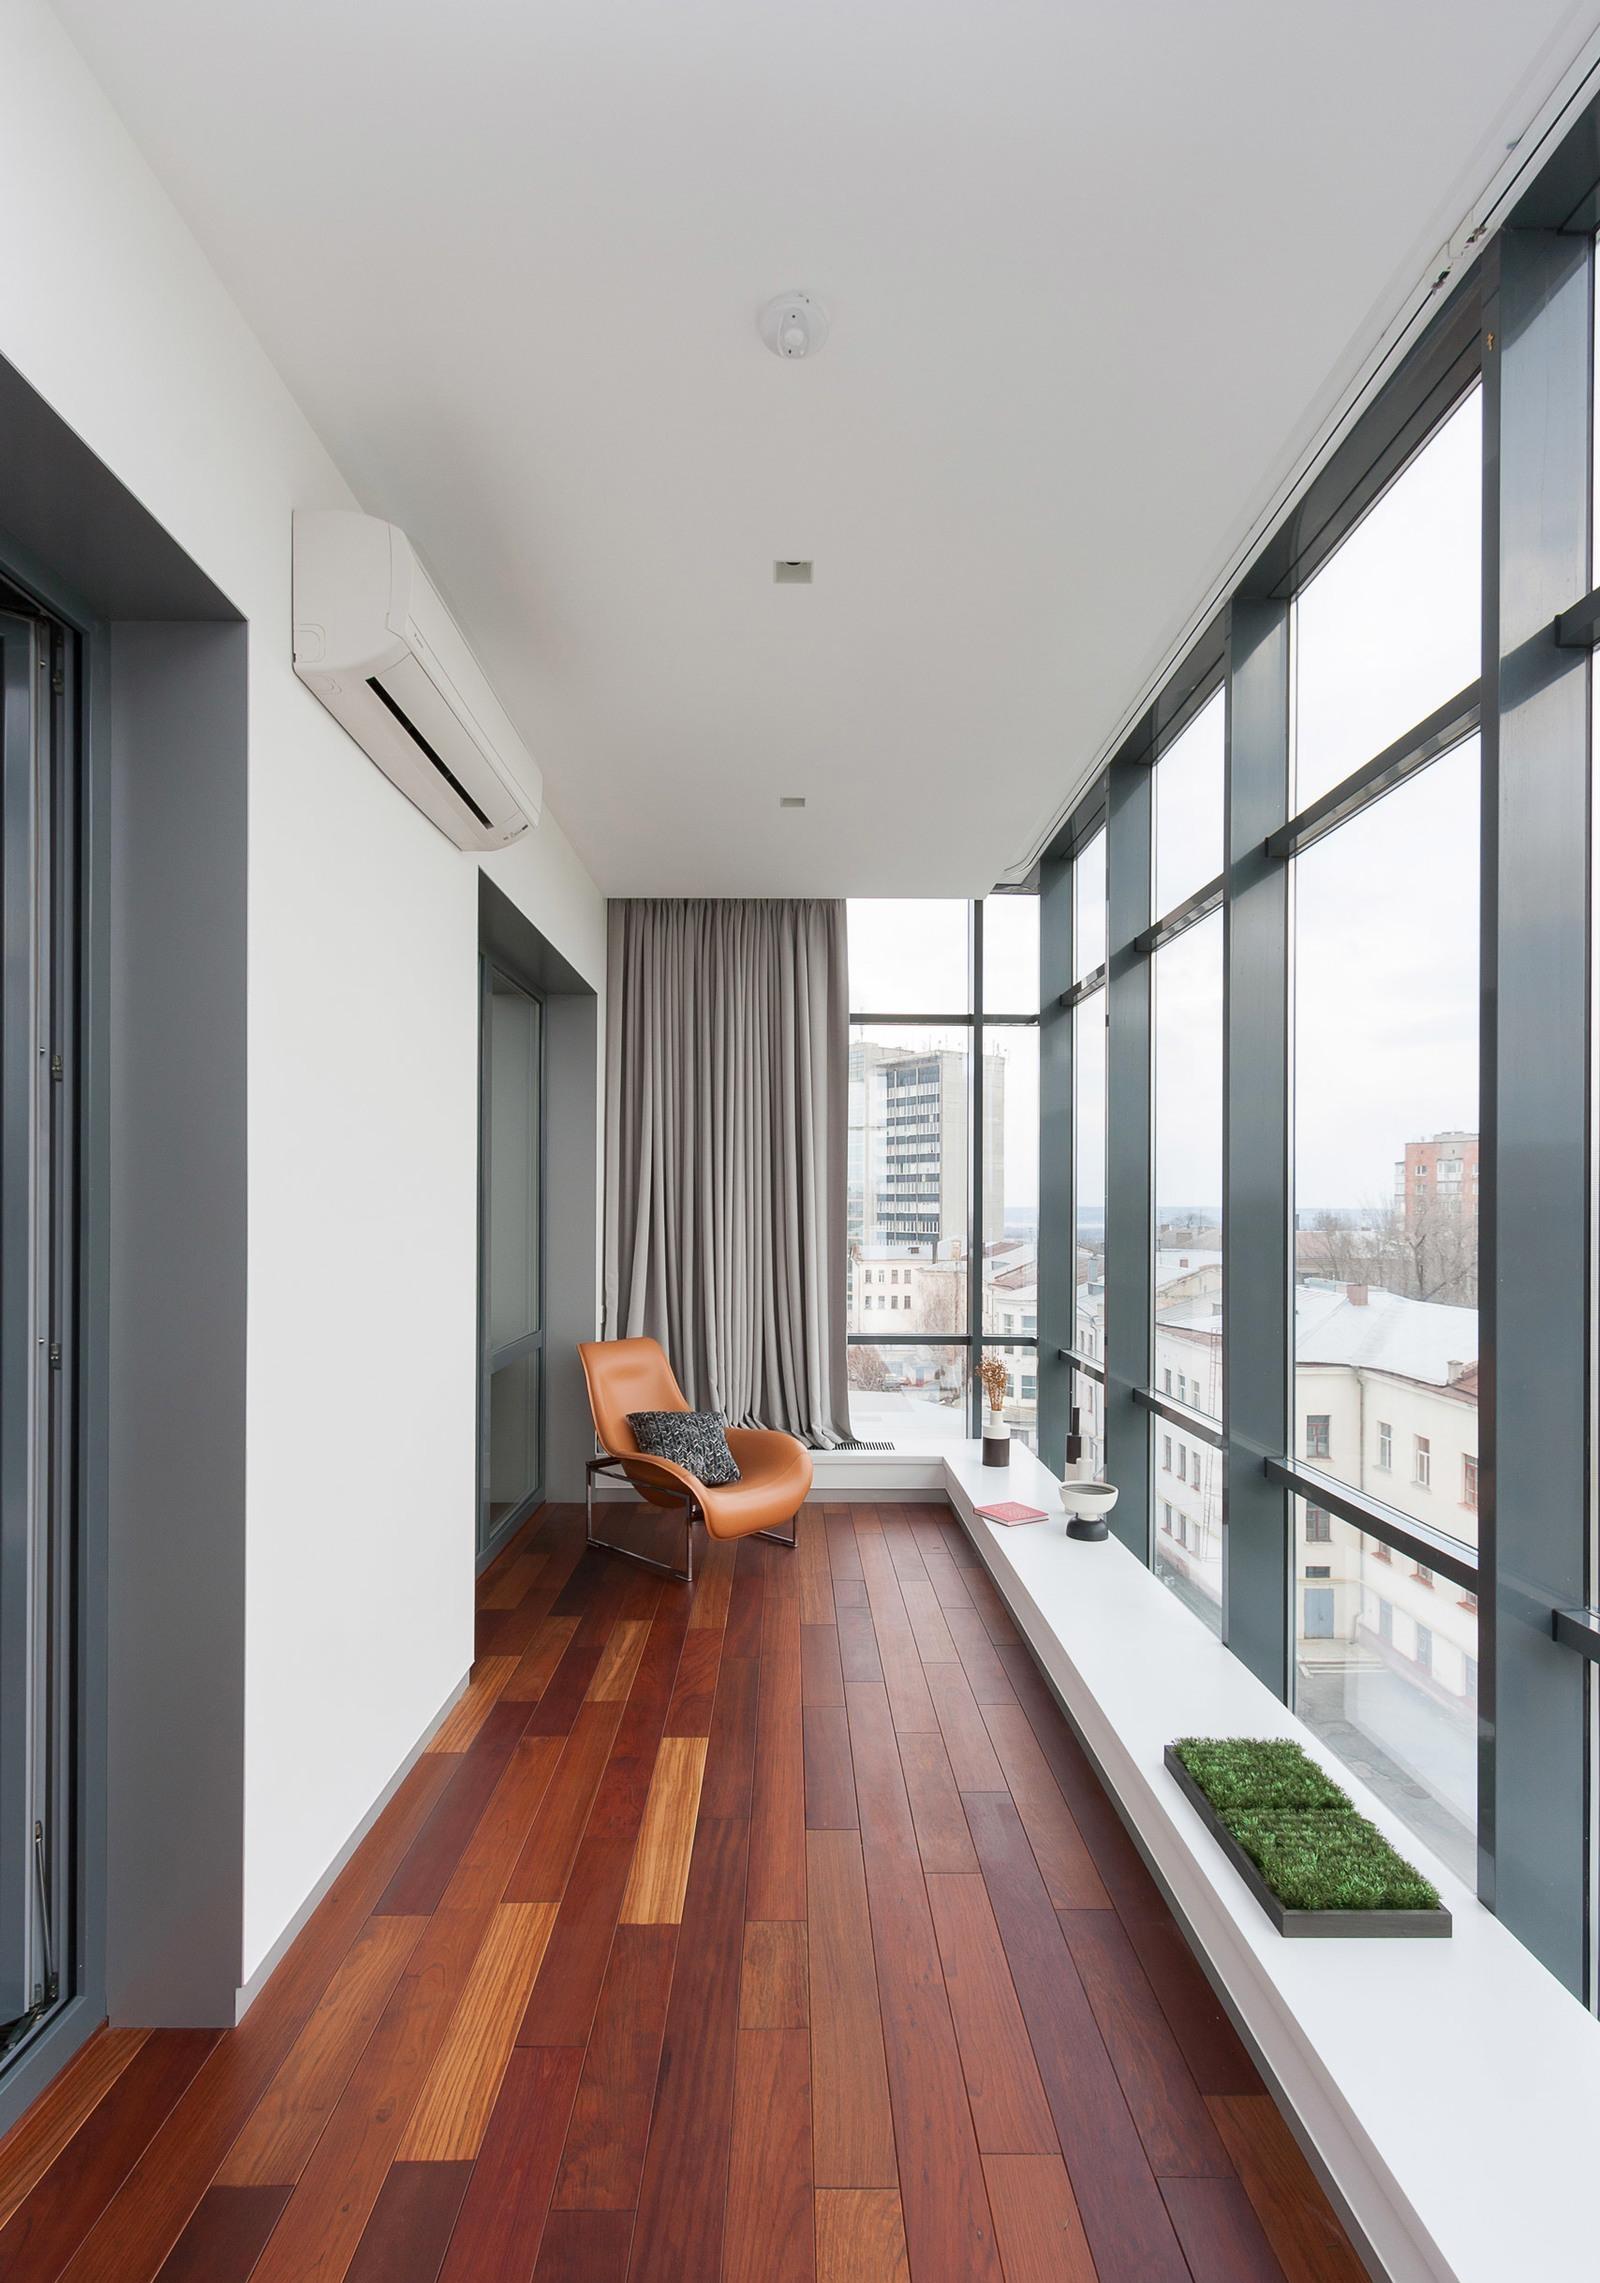 Комната на лоджии и мебель для балкона своими руками.